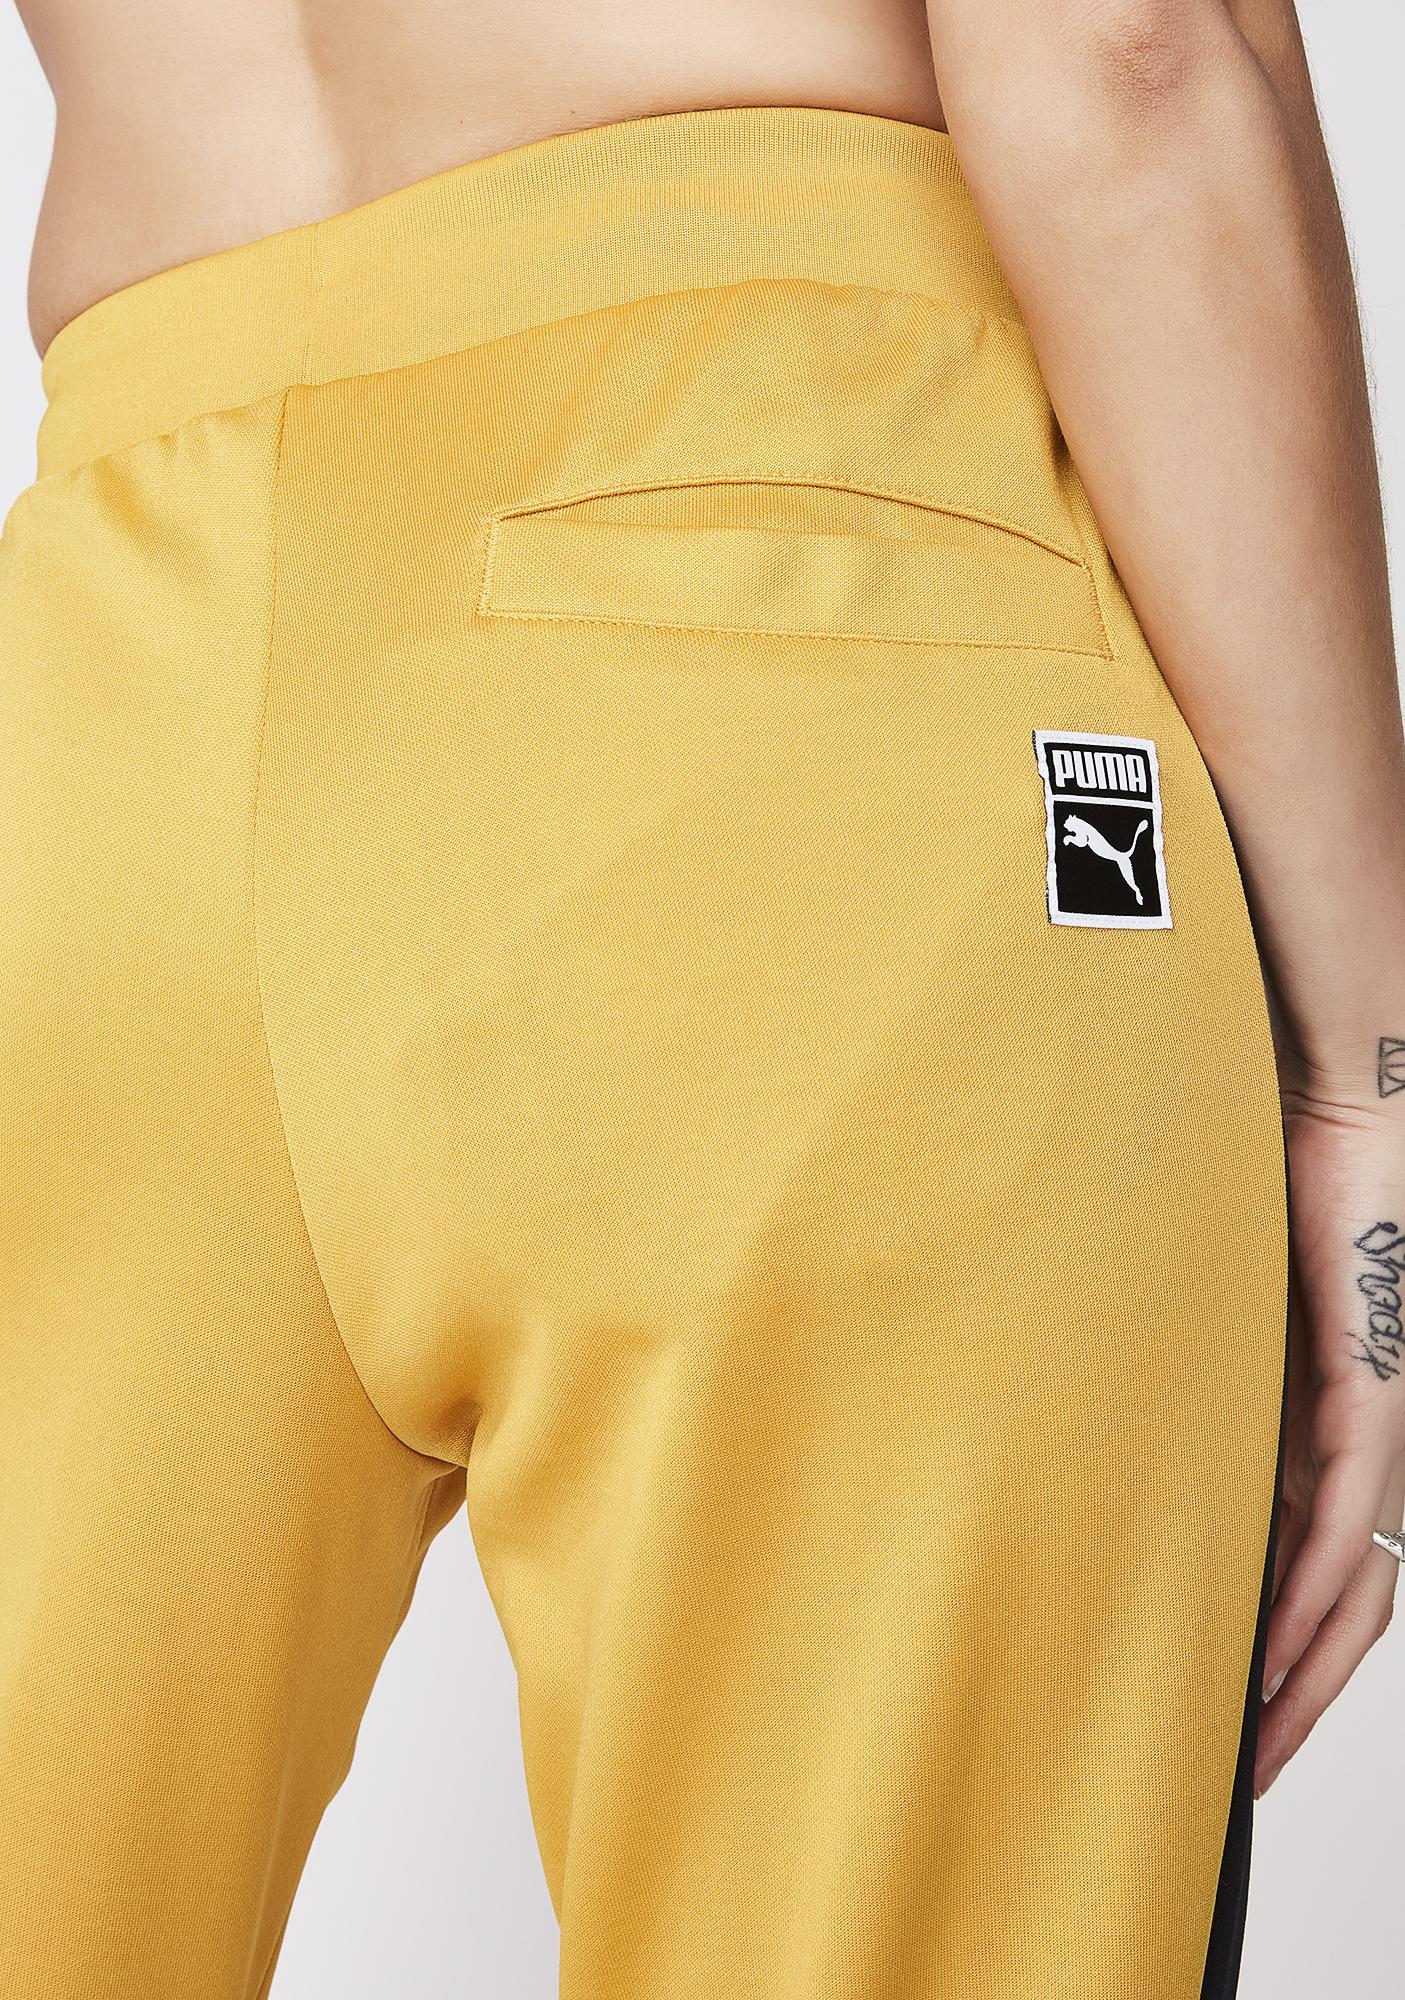 PUMA T7 Vintage Track Pants